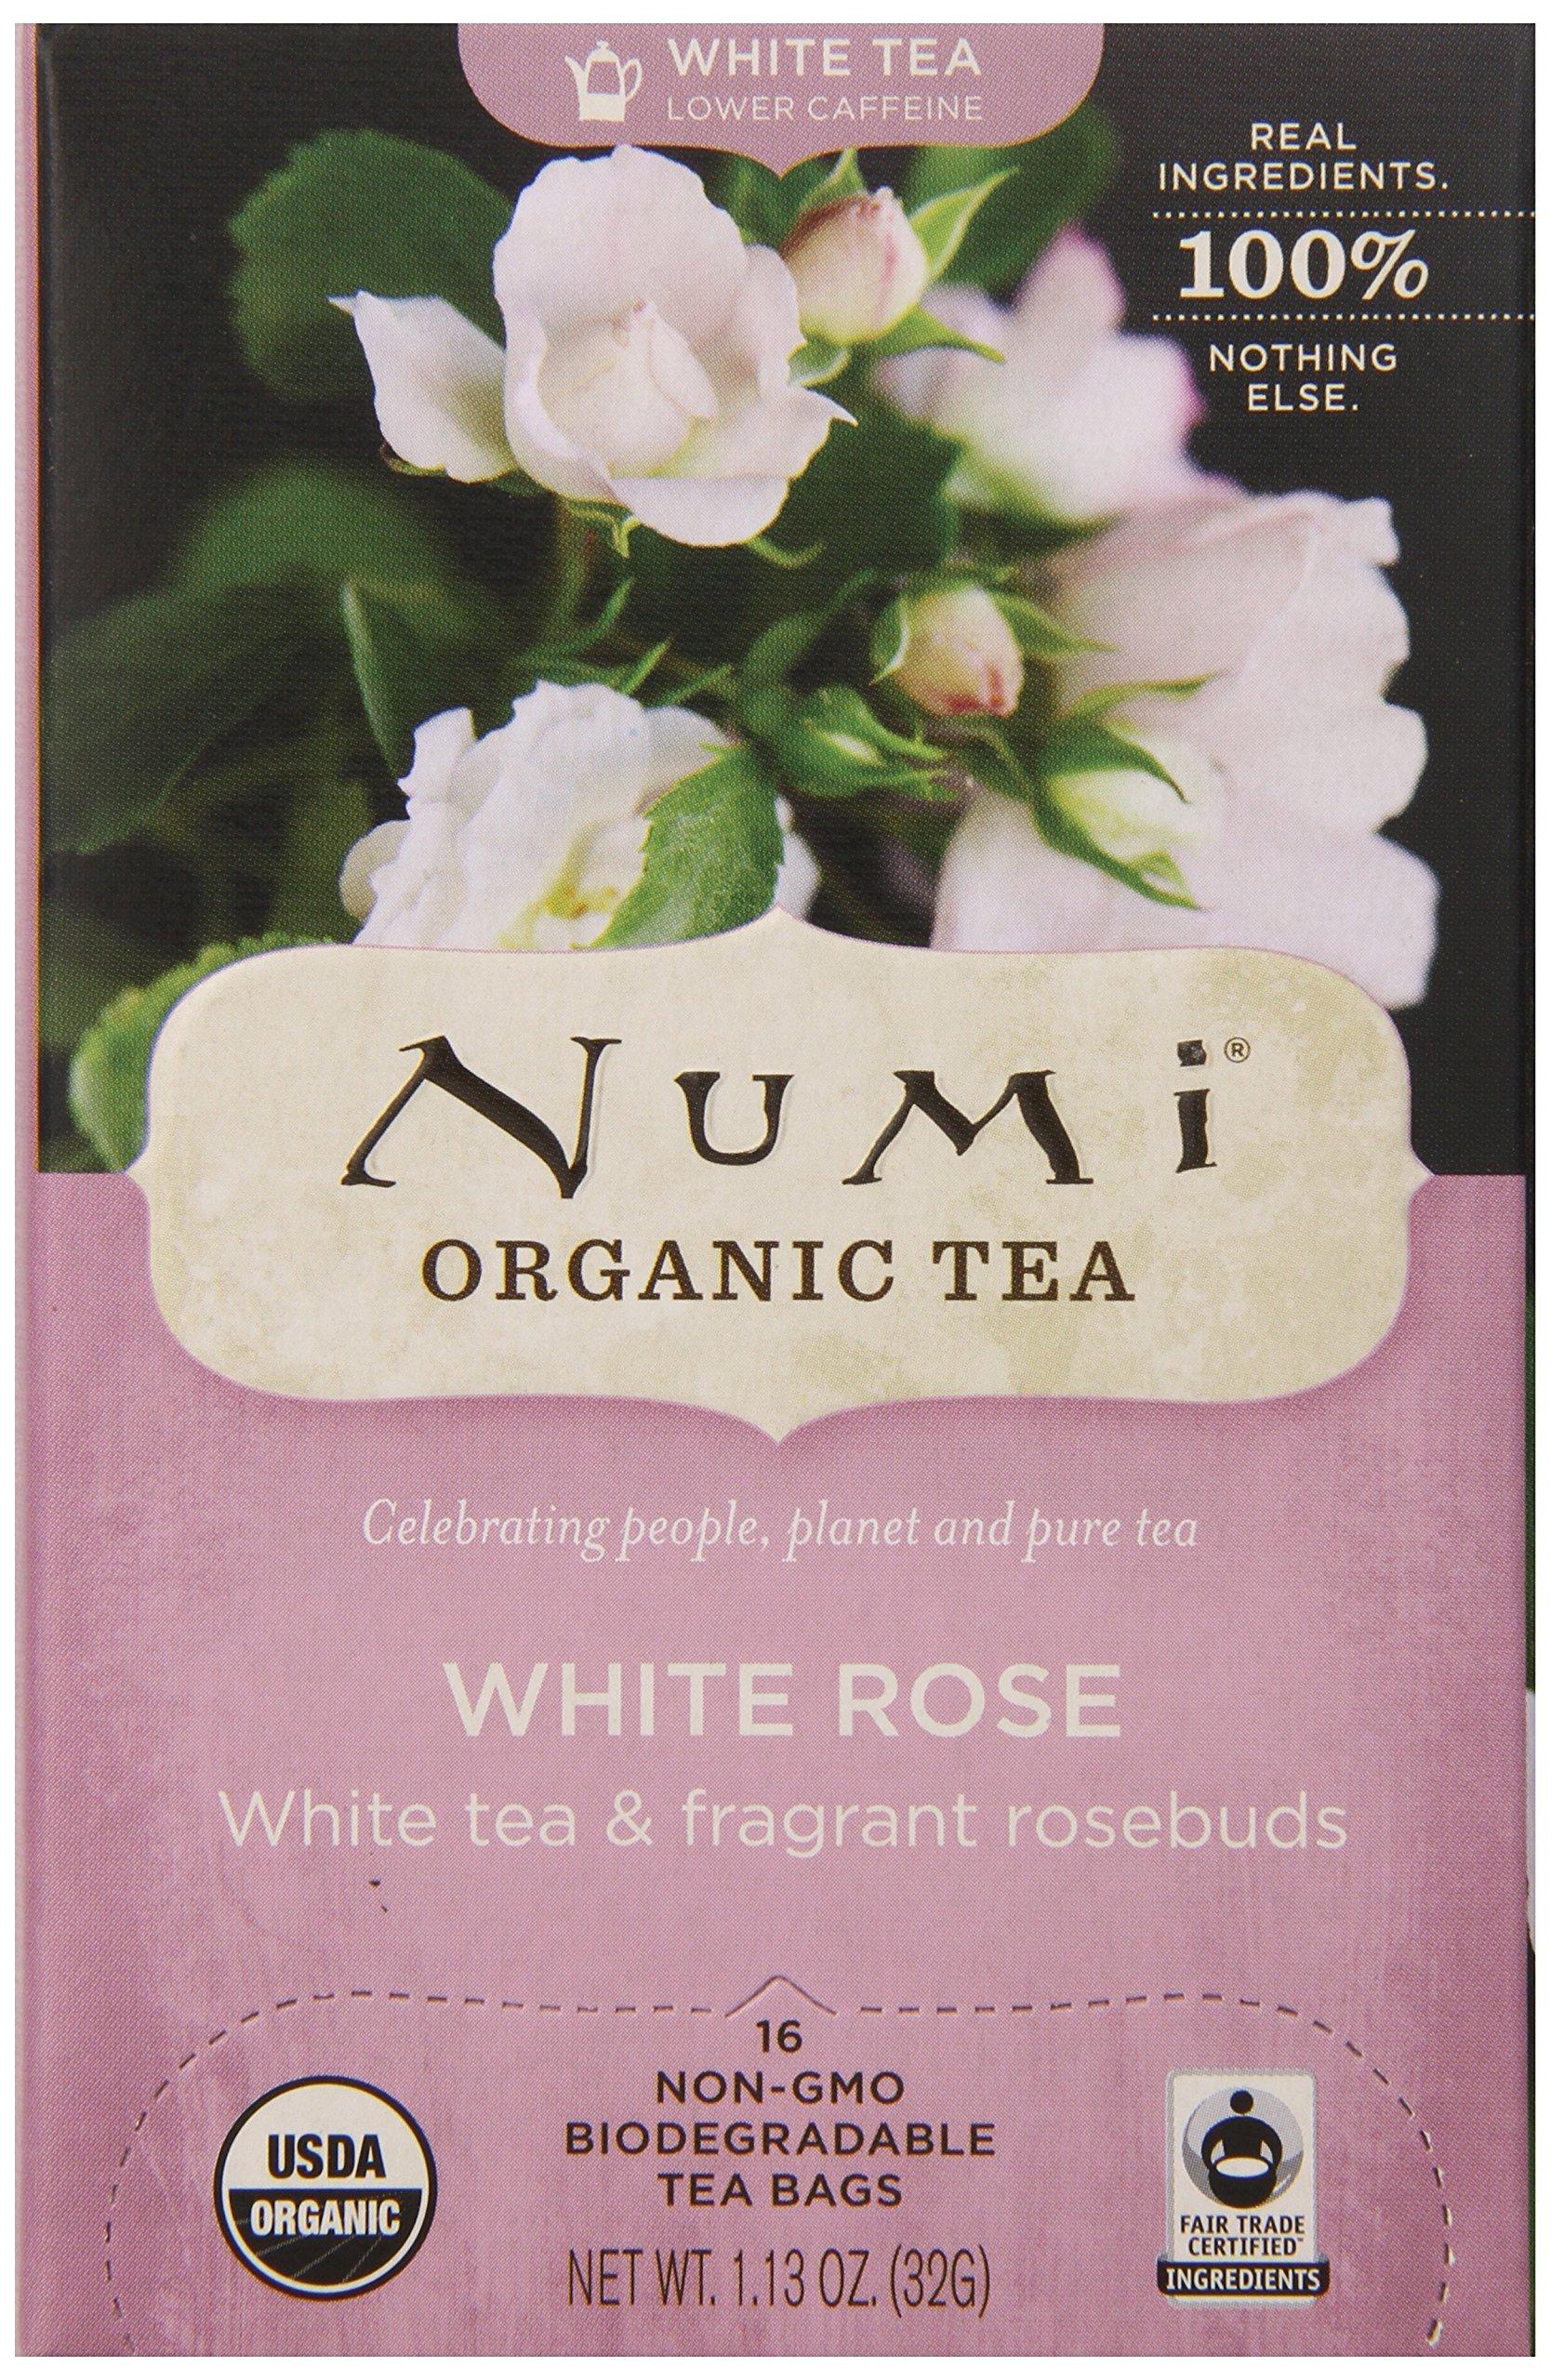 Numi Organic Tea White Rose, 16 Count Box of Tea Bags (Pack of 6) White Tea